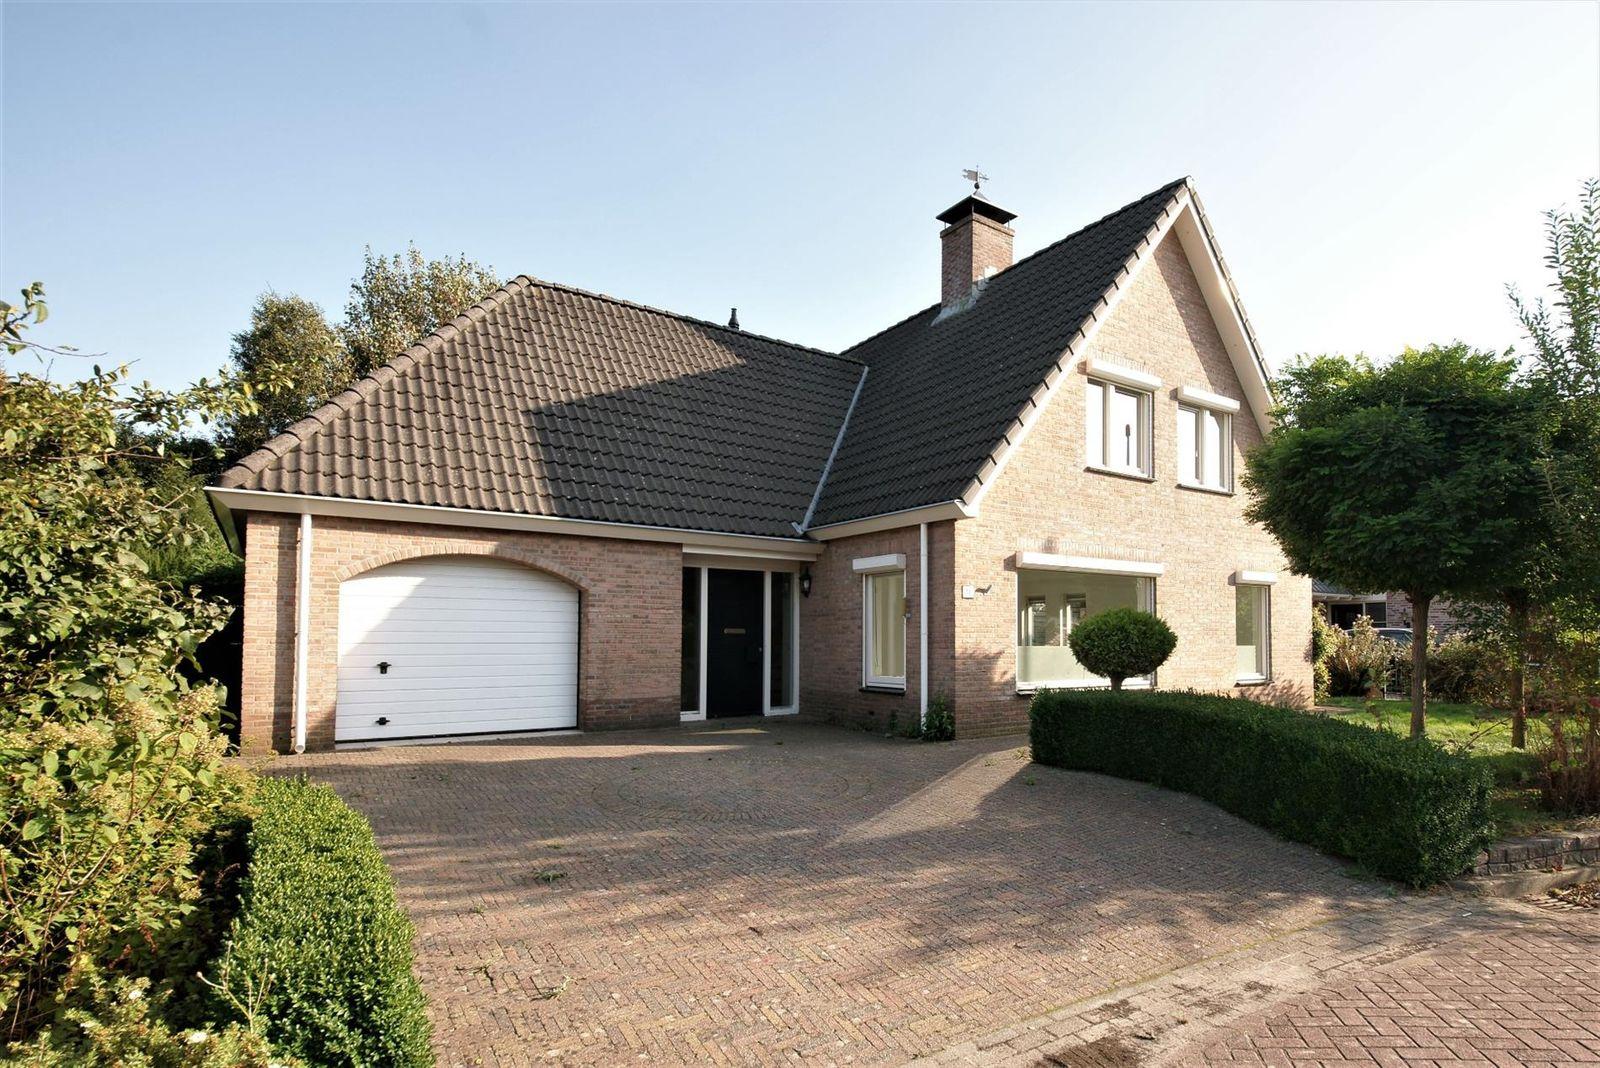 Domela Nieuwenhuisstraat 51, Appelscha